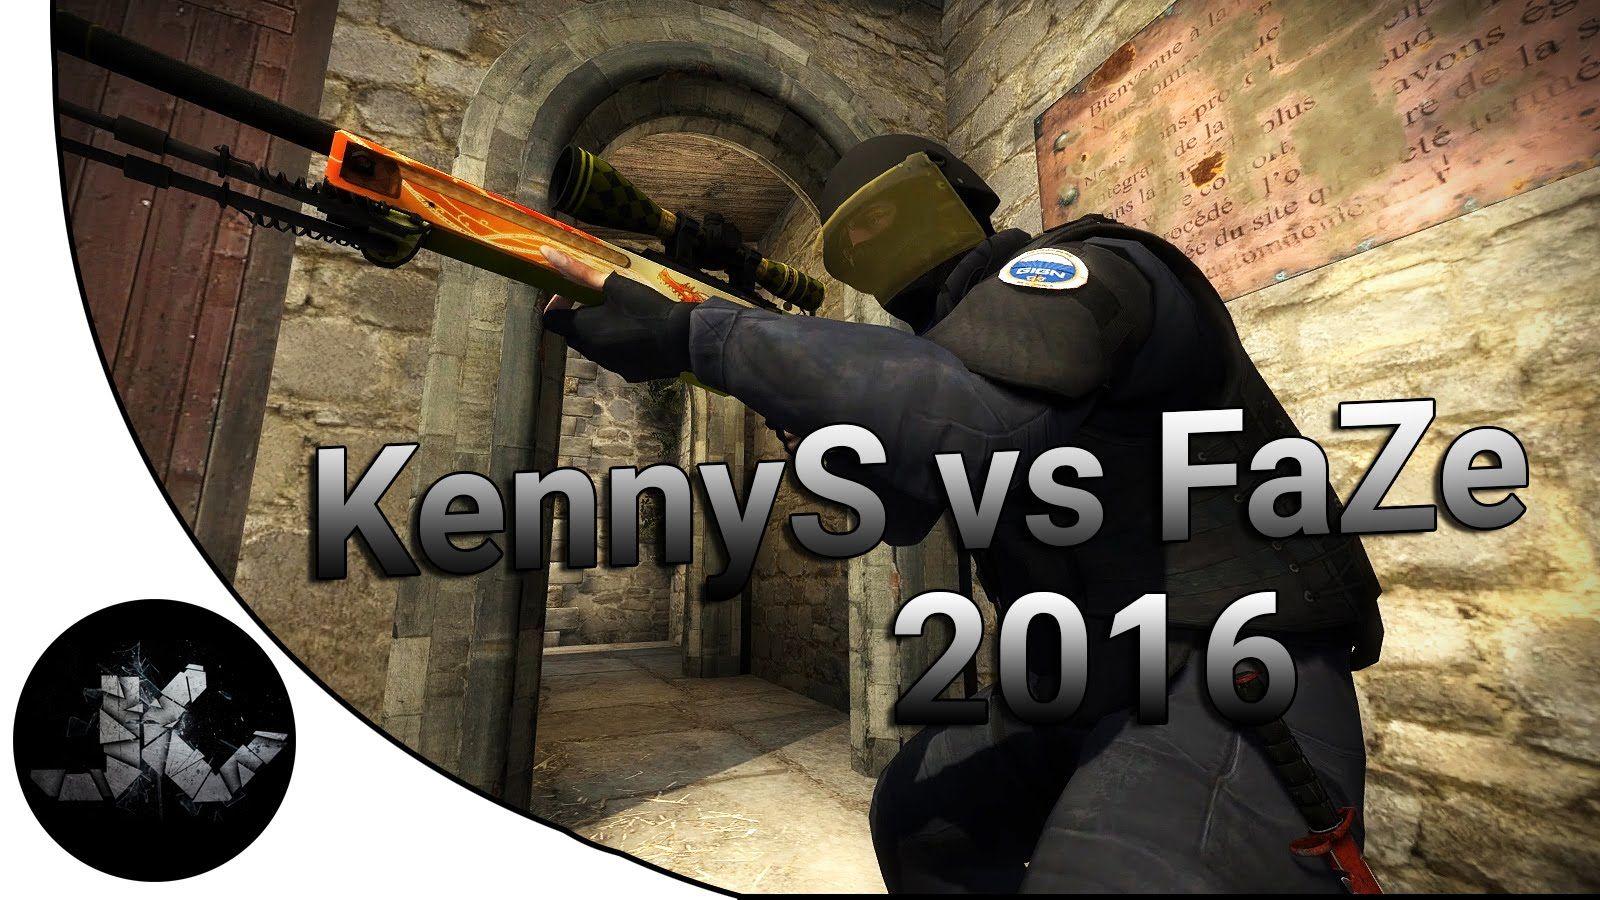 Csgo kennys vs faze kennys returns 2016 fragmovie